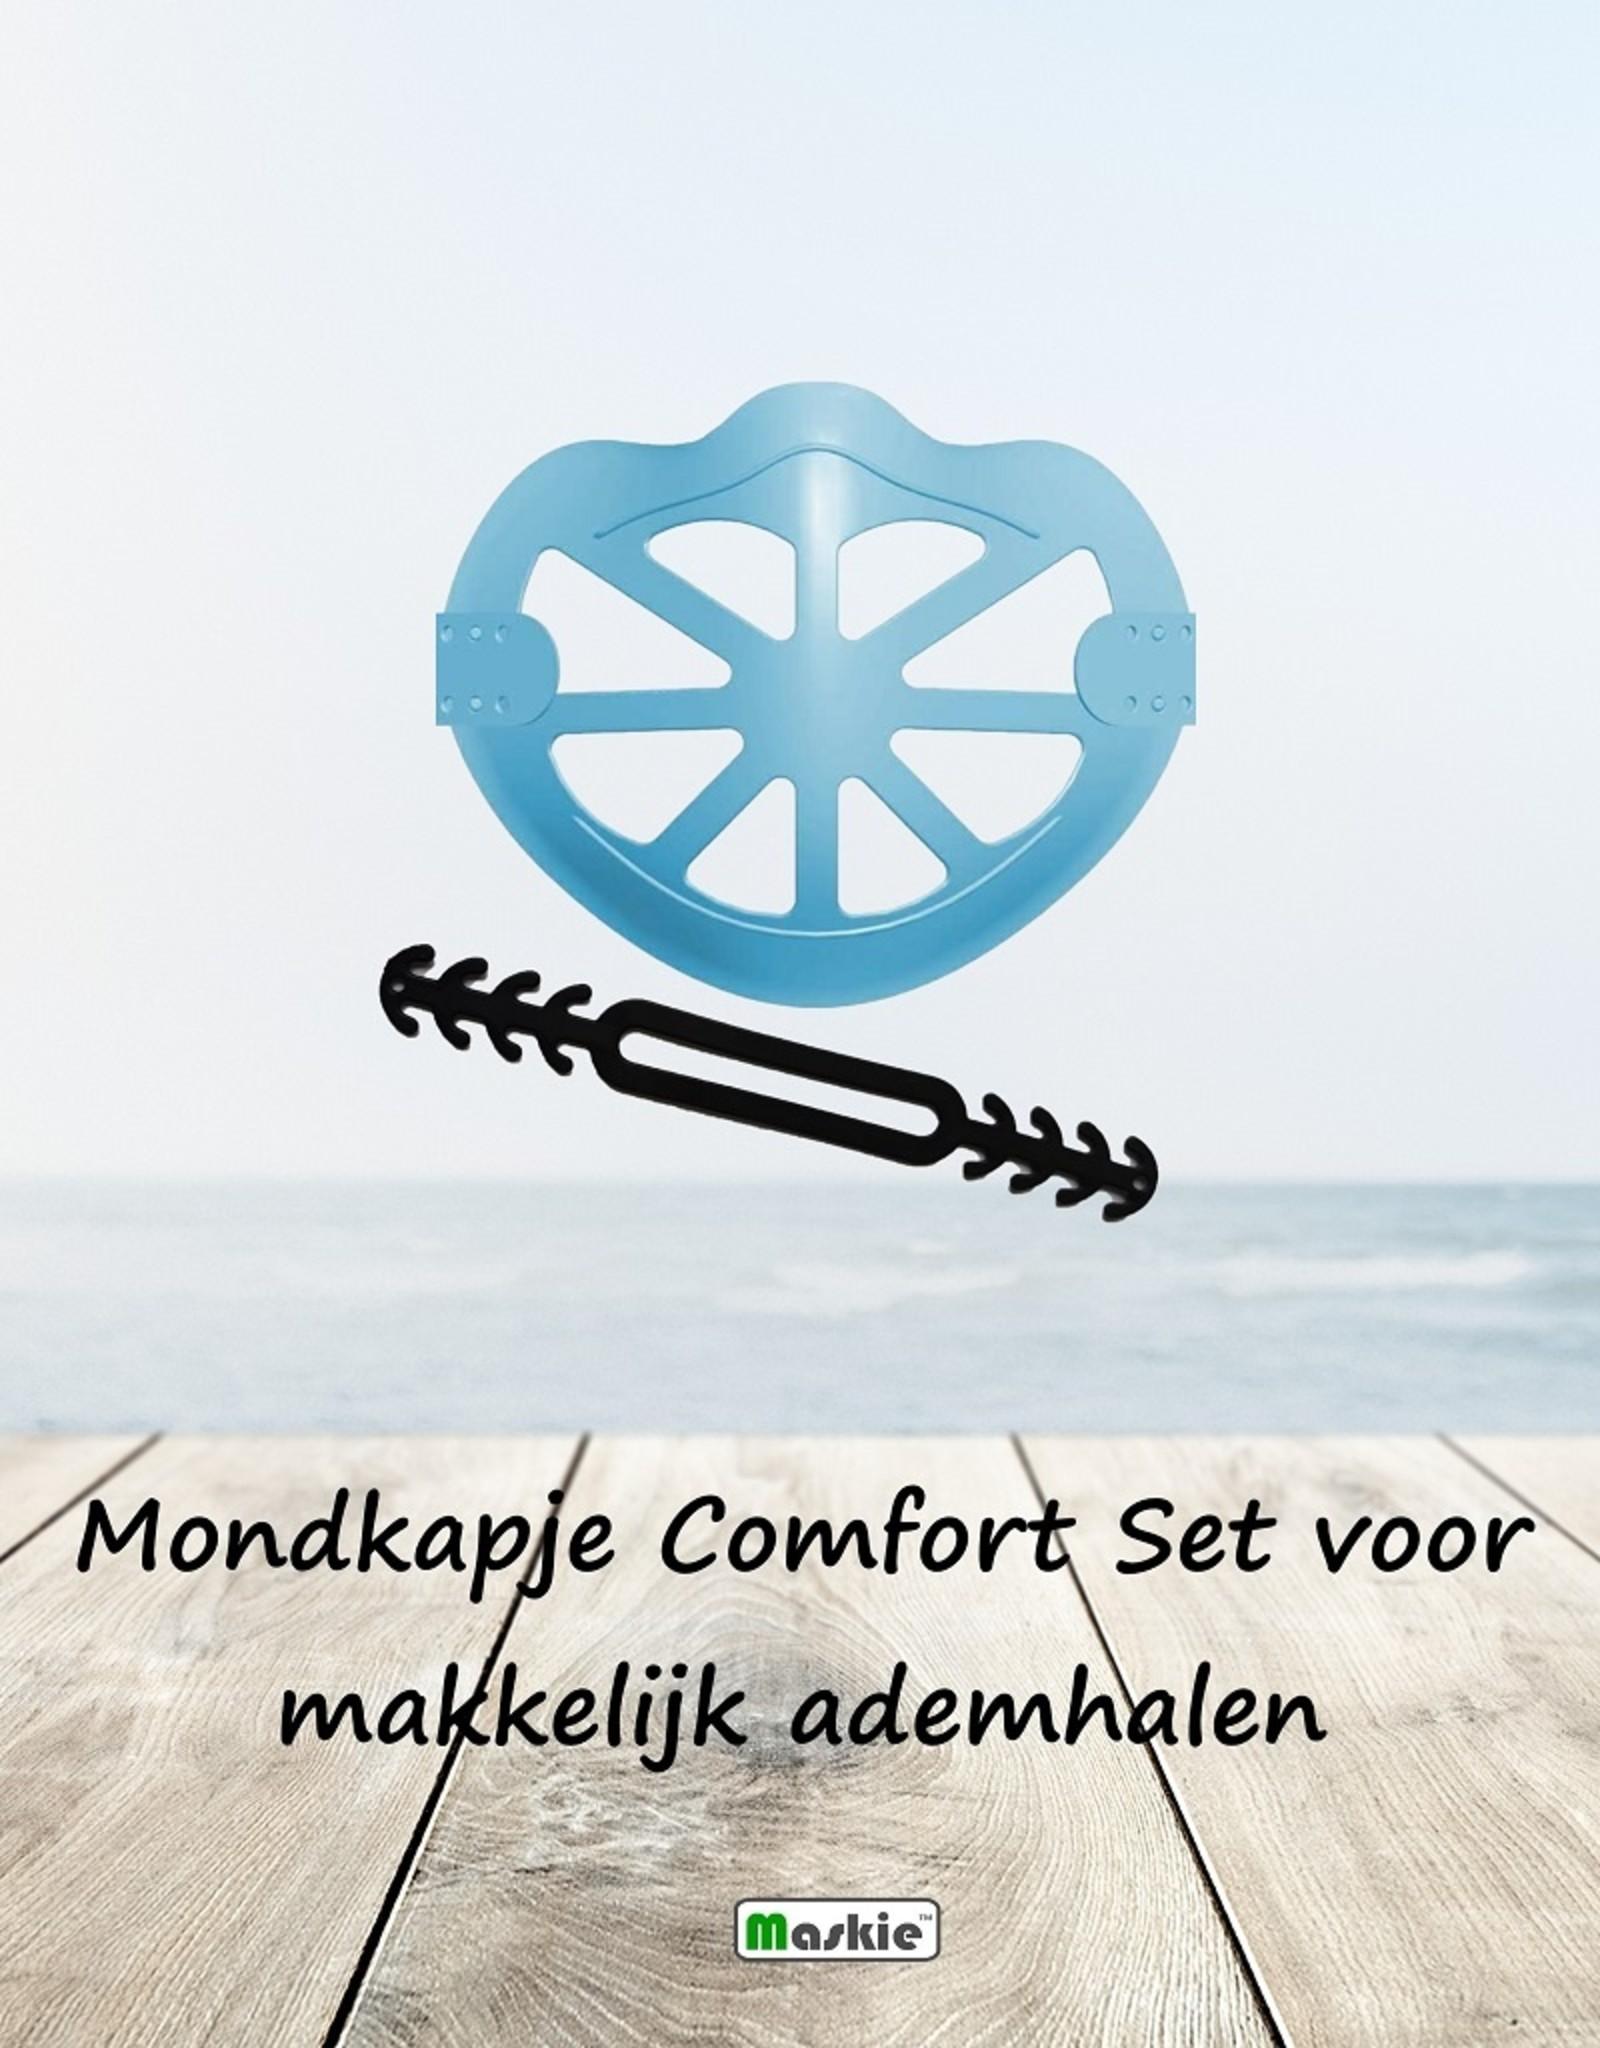 Mondkapje Comfort Set voor makkelijk ademhalen